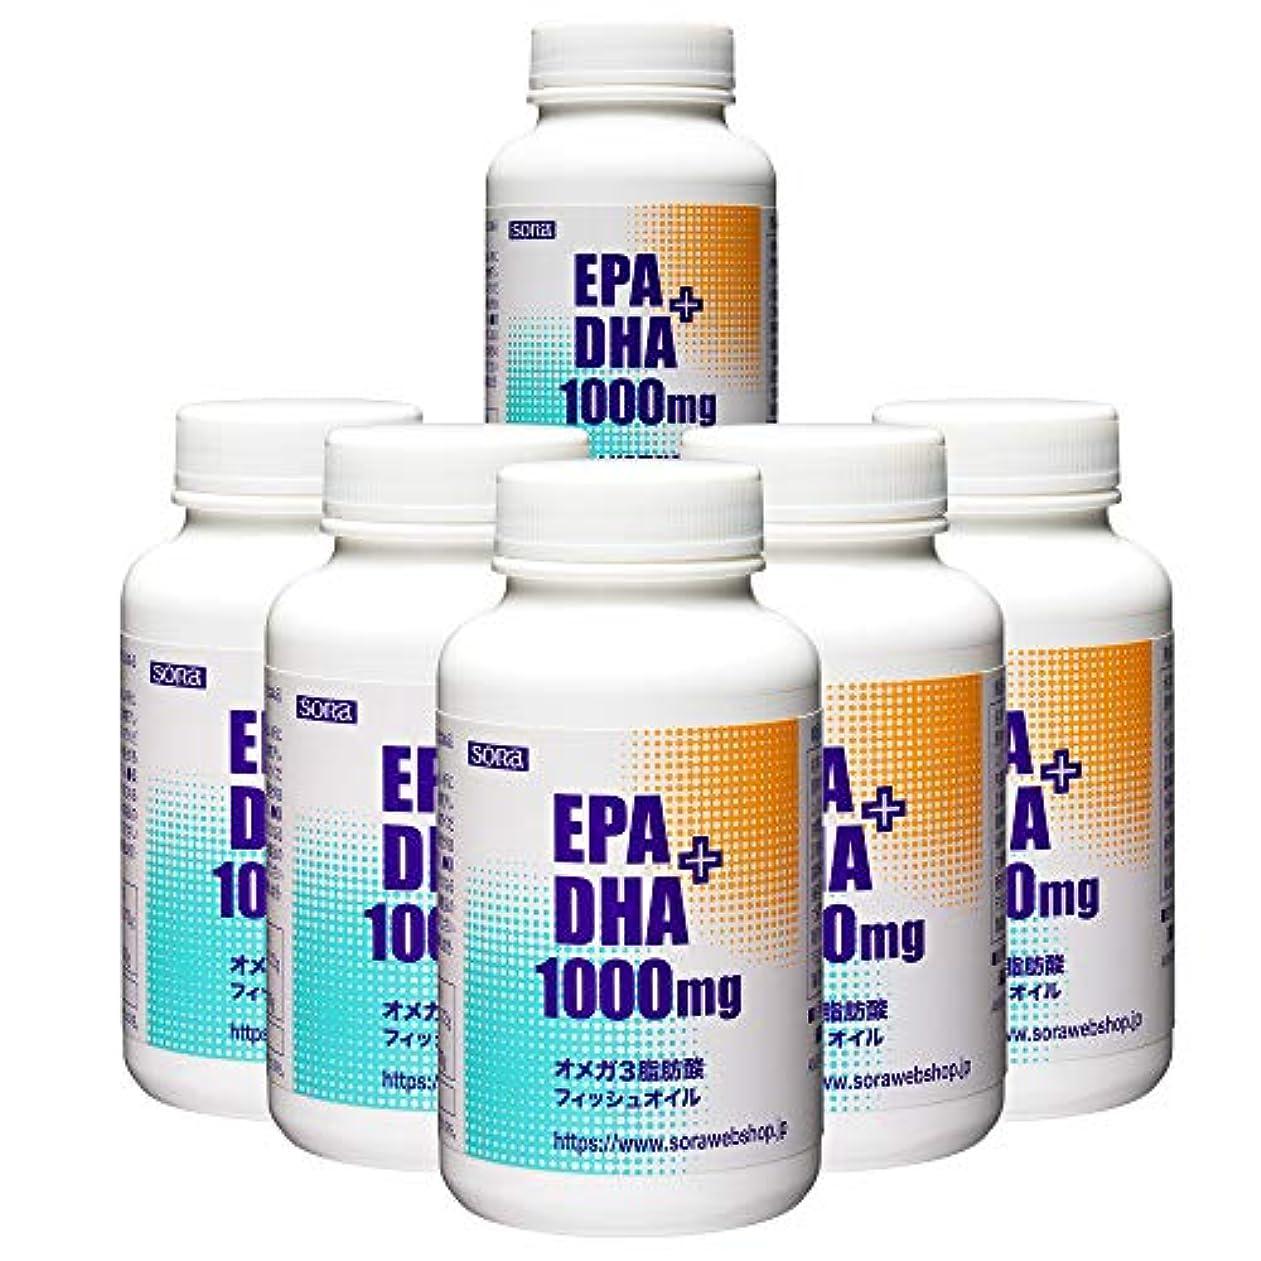 十一ライセンス決めます【まとめ買い】そら EPA+DHA 1000mg (魚のオイル オメガ3) 【180粒入 × 6本セット】[10% OFF]